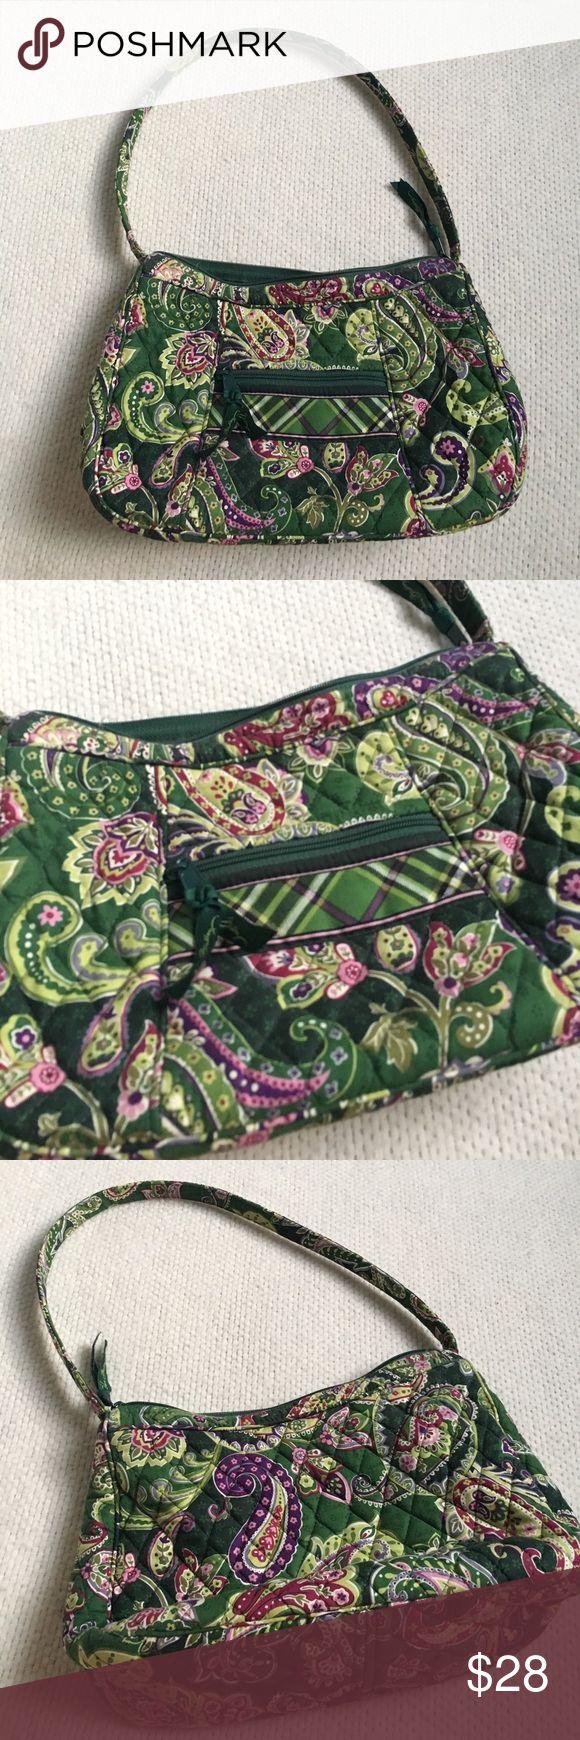 Vera Bradley Handbag Vera Bradley Handbag in excellent condition. Adorable! Vera Bradley Bags Shoulder Bags